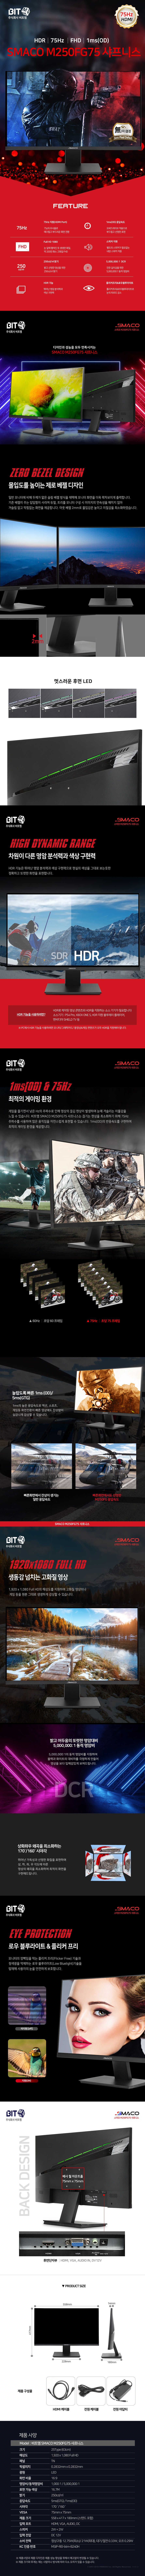 비트엠 SMACO M250FG75 샤프니스 무결점